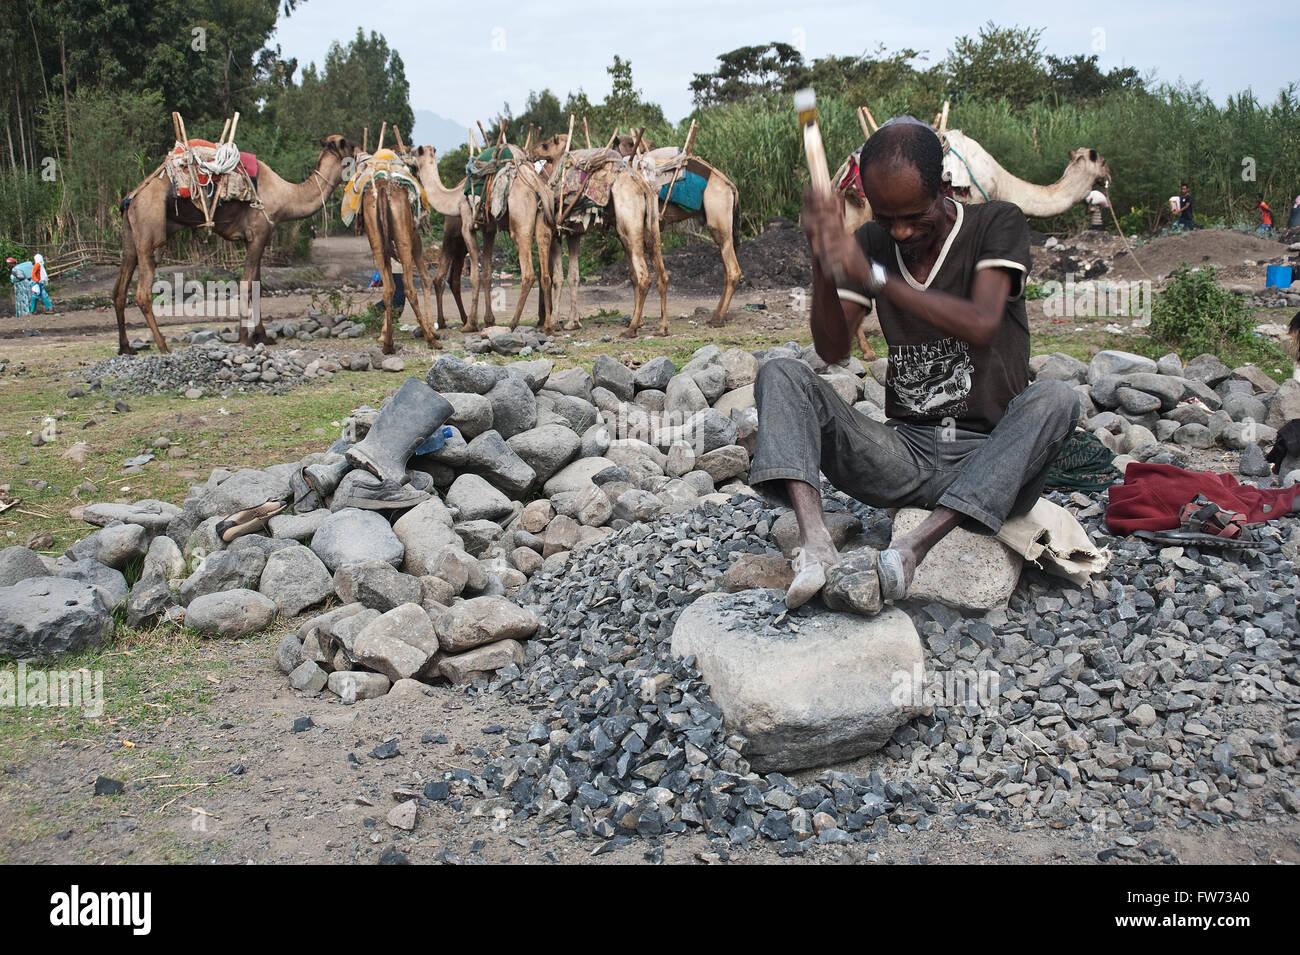 Rupture travailleur pierres ( Ethiopie) Banque D'Images